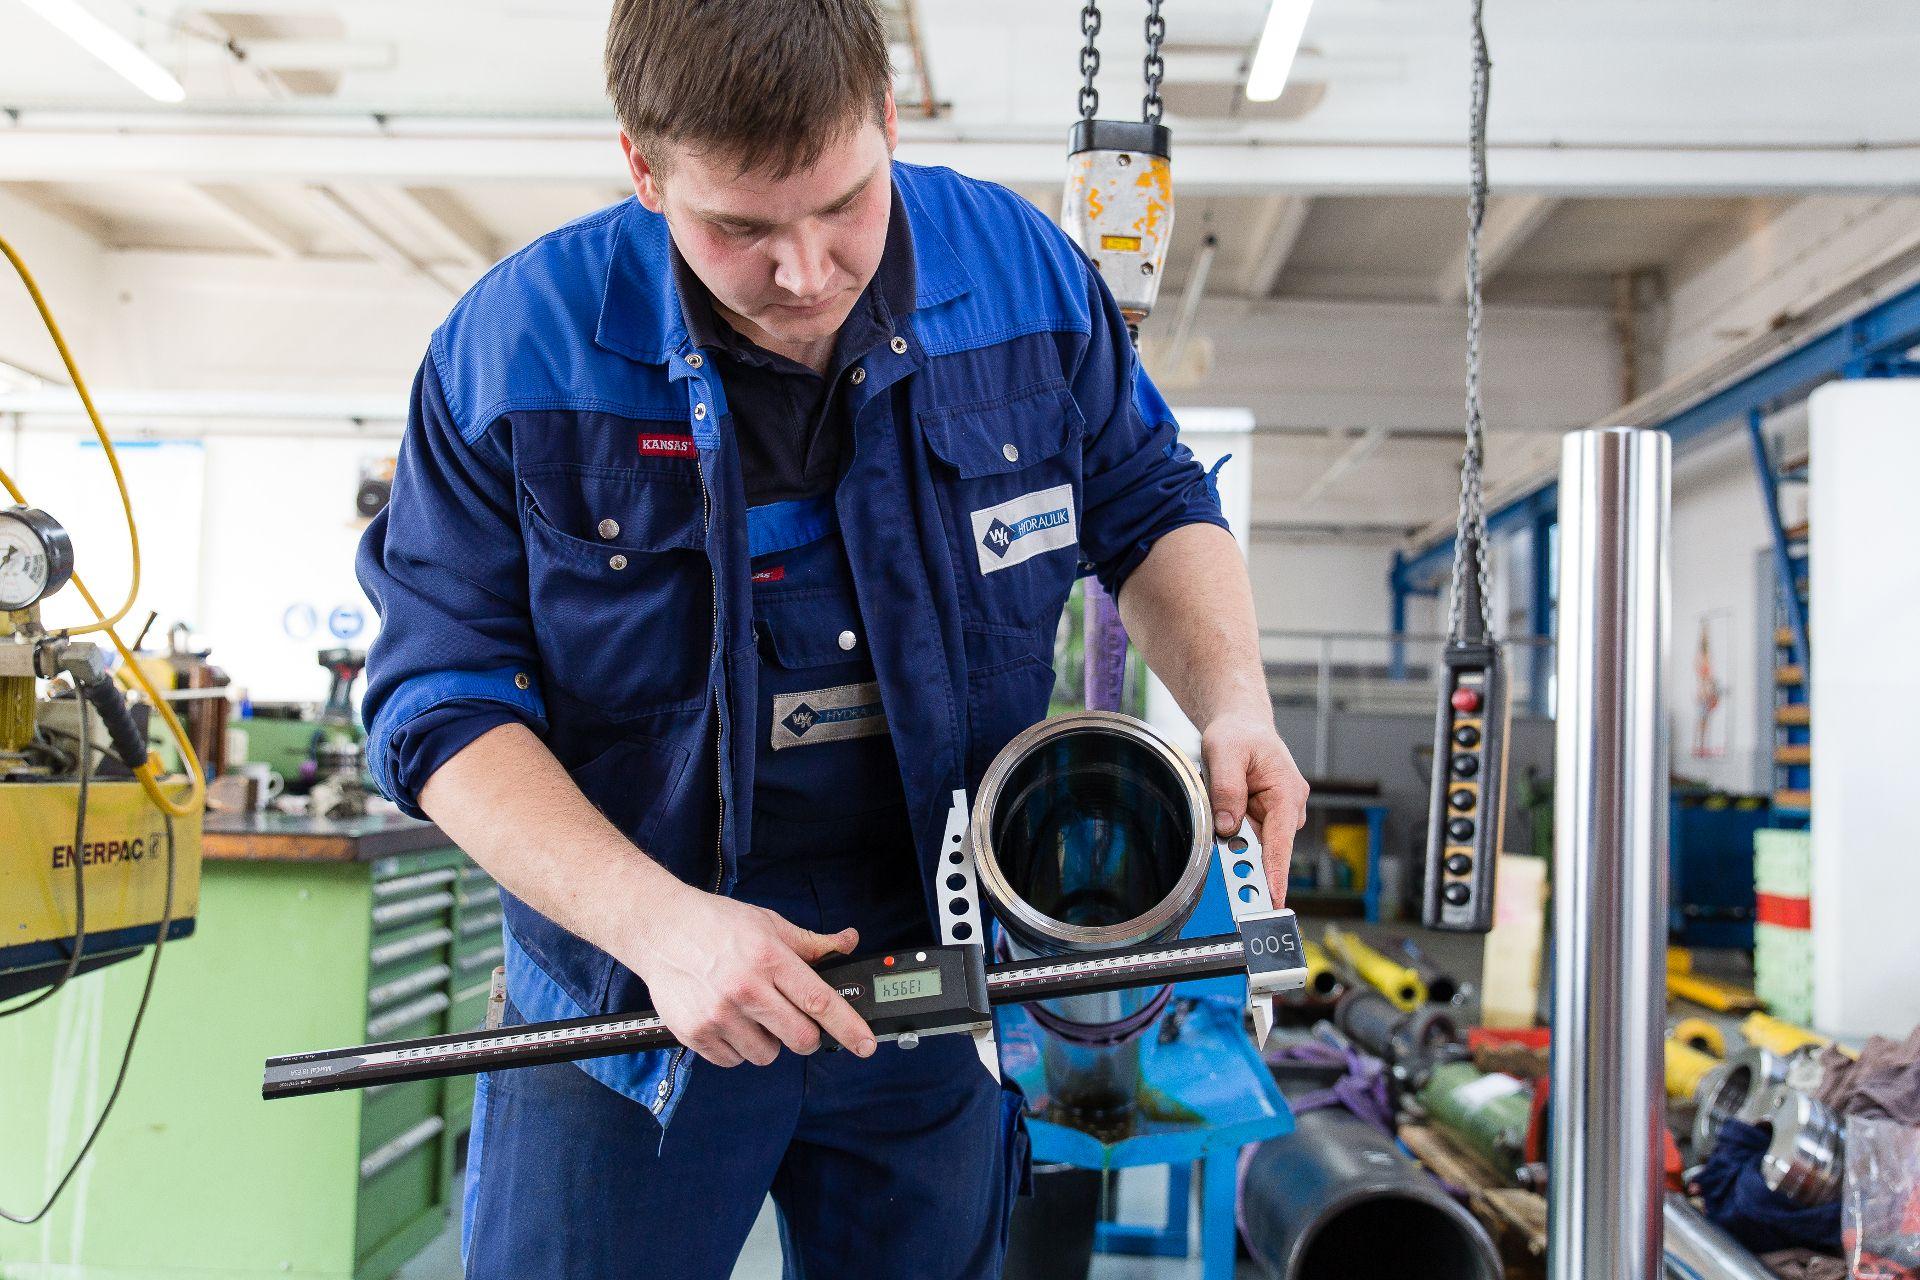 ein Mitarbeiter beim Messen des Außendurchmessers eines Hydraulikzylinders